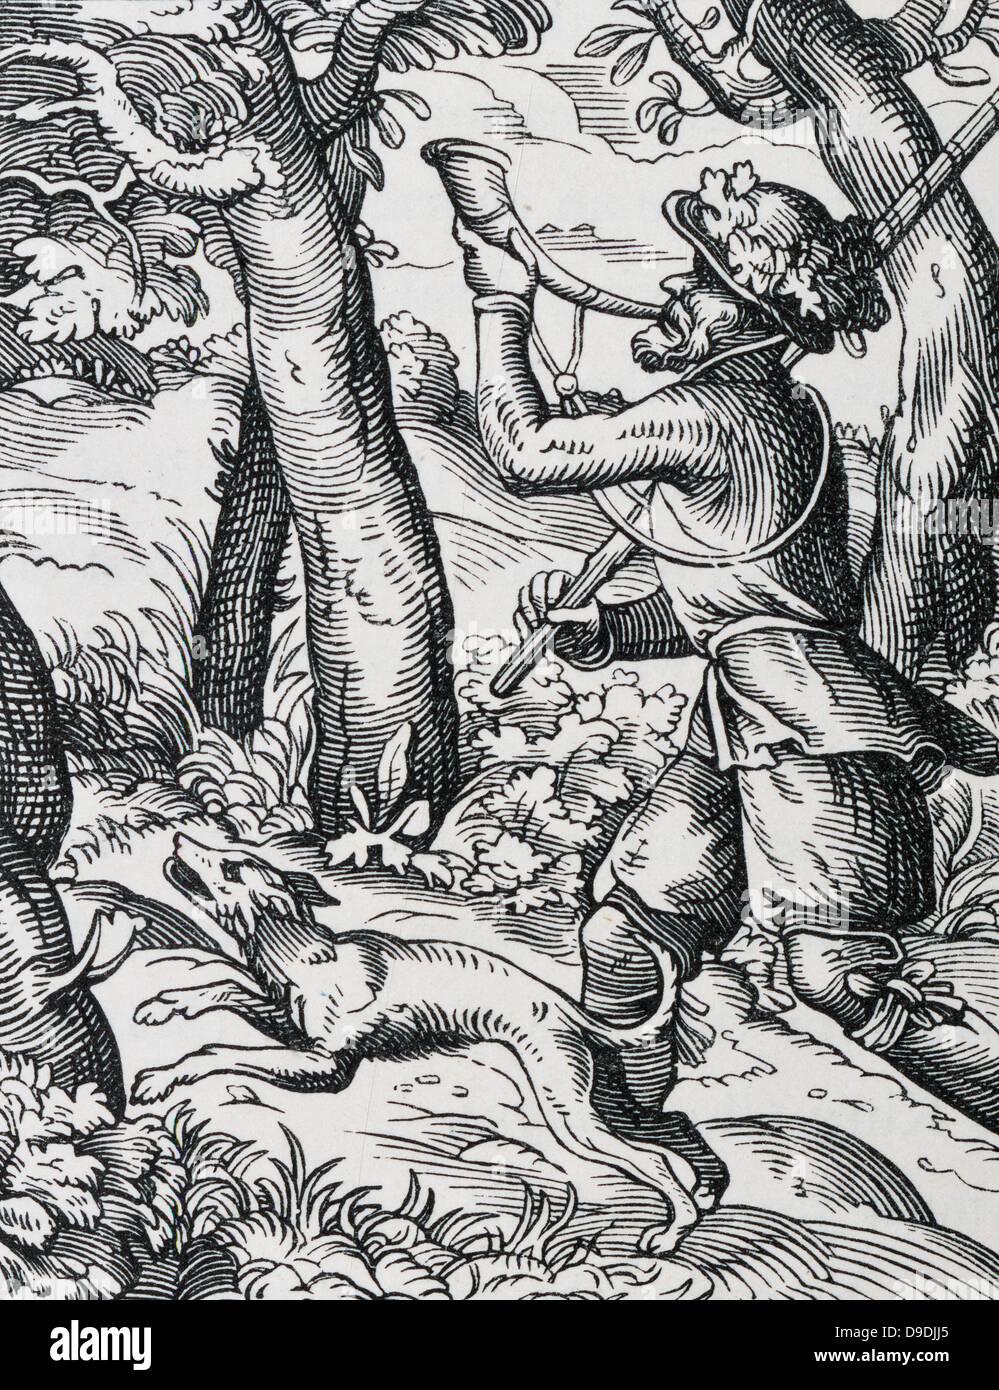 La Huntsman. Xvi secolo la xilografia da Jost Amman. Immagini Stock